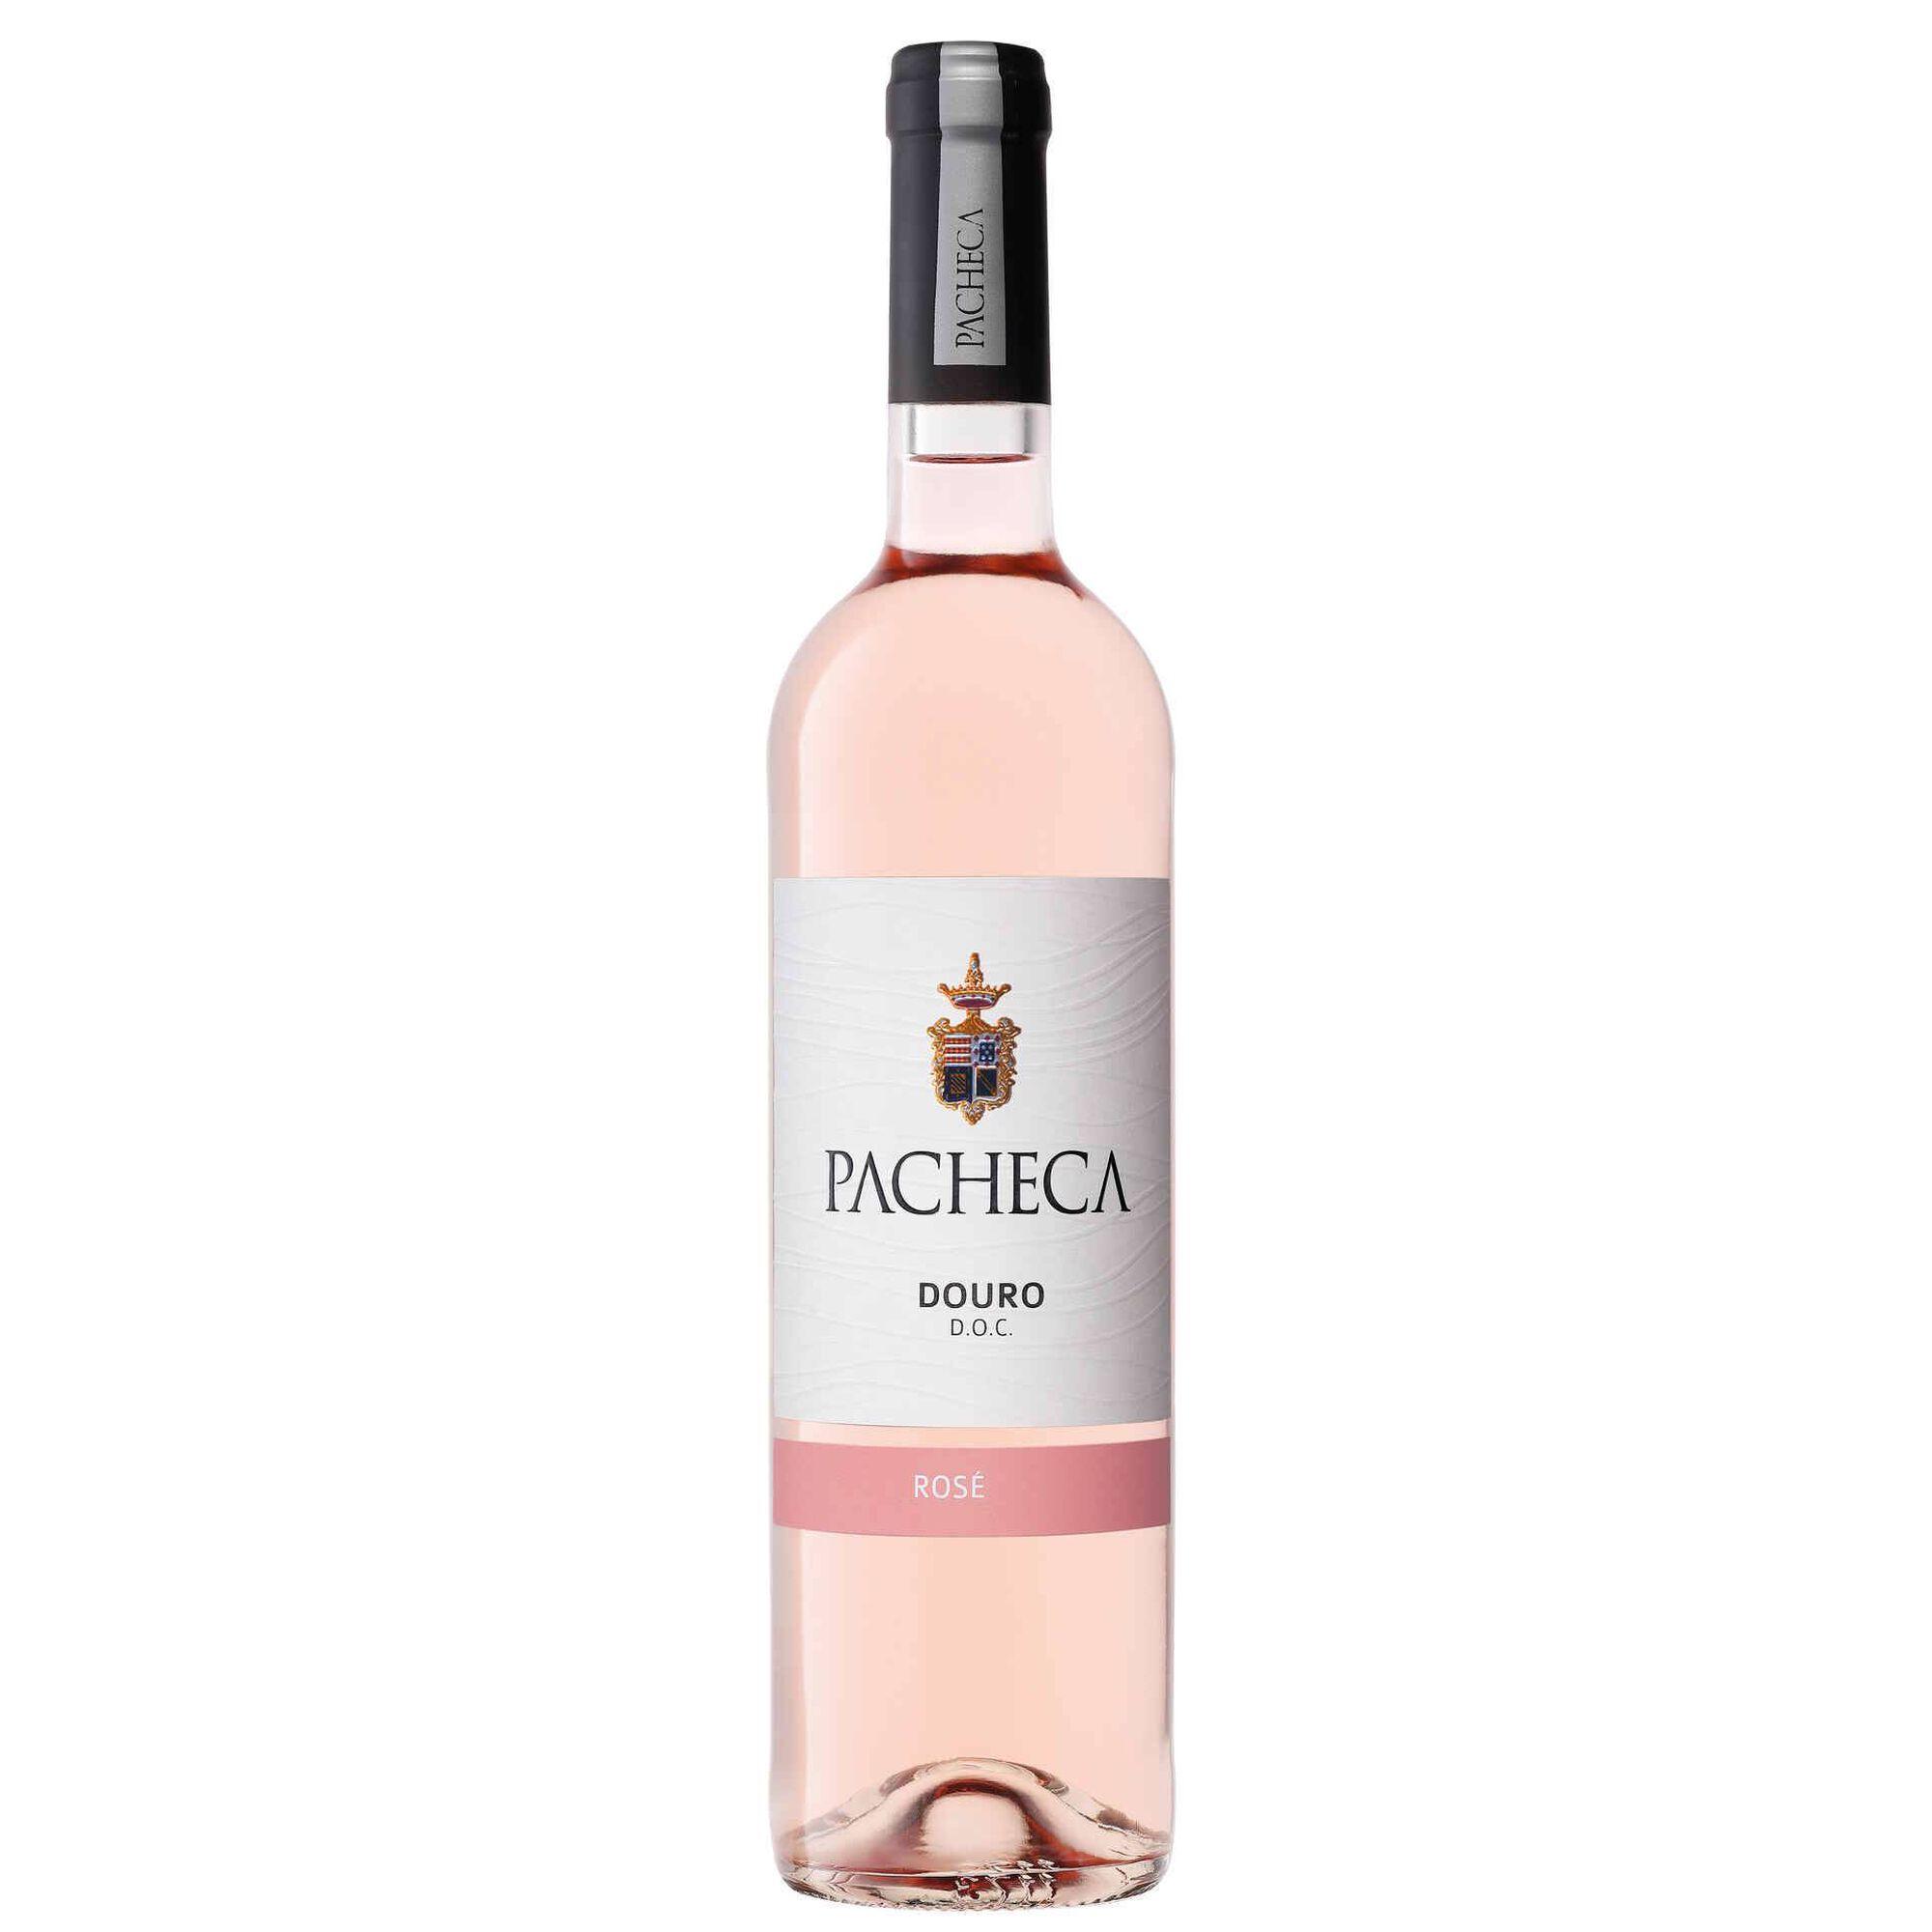 Pacheca DOC Douro Vinho Rosé